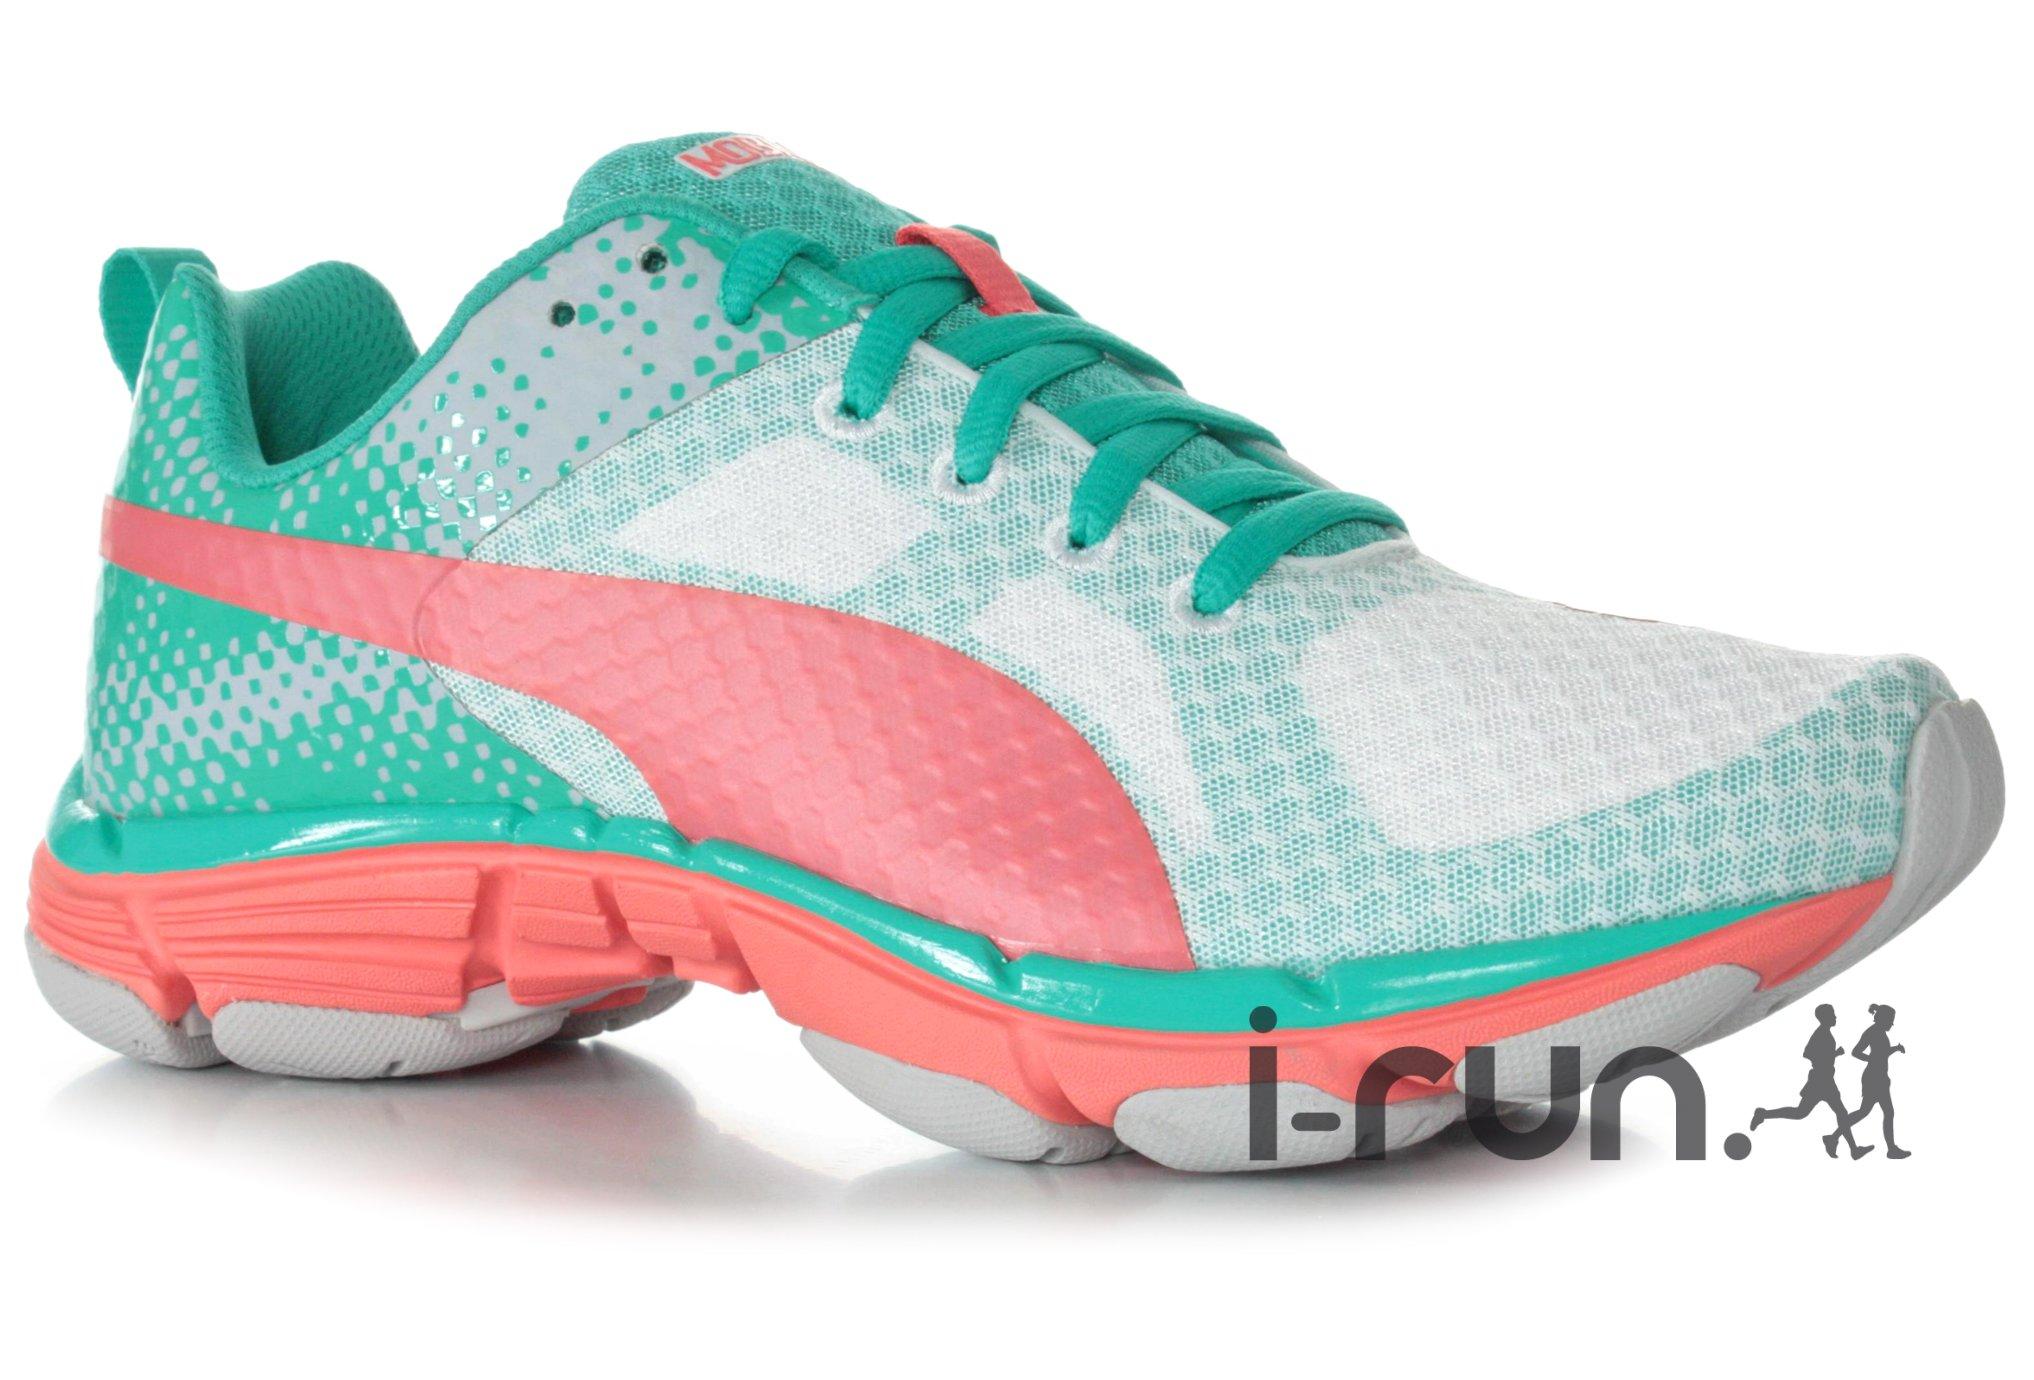 Femme Running Puma chaussure Puma Chaussure wv0mN8n